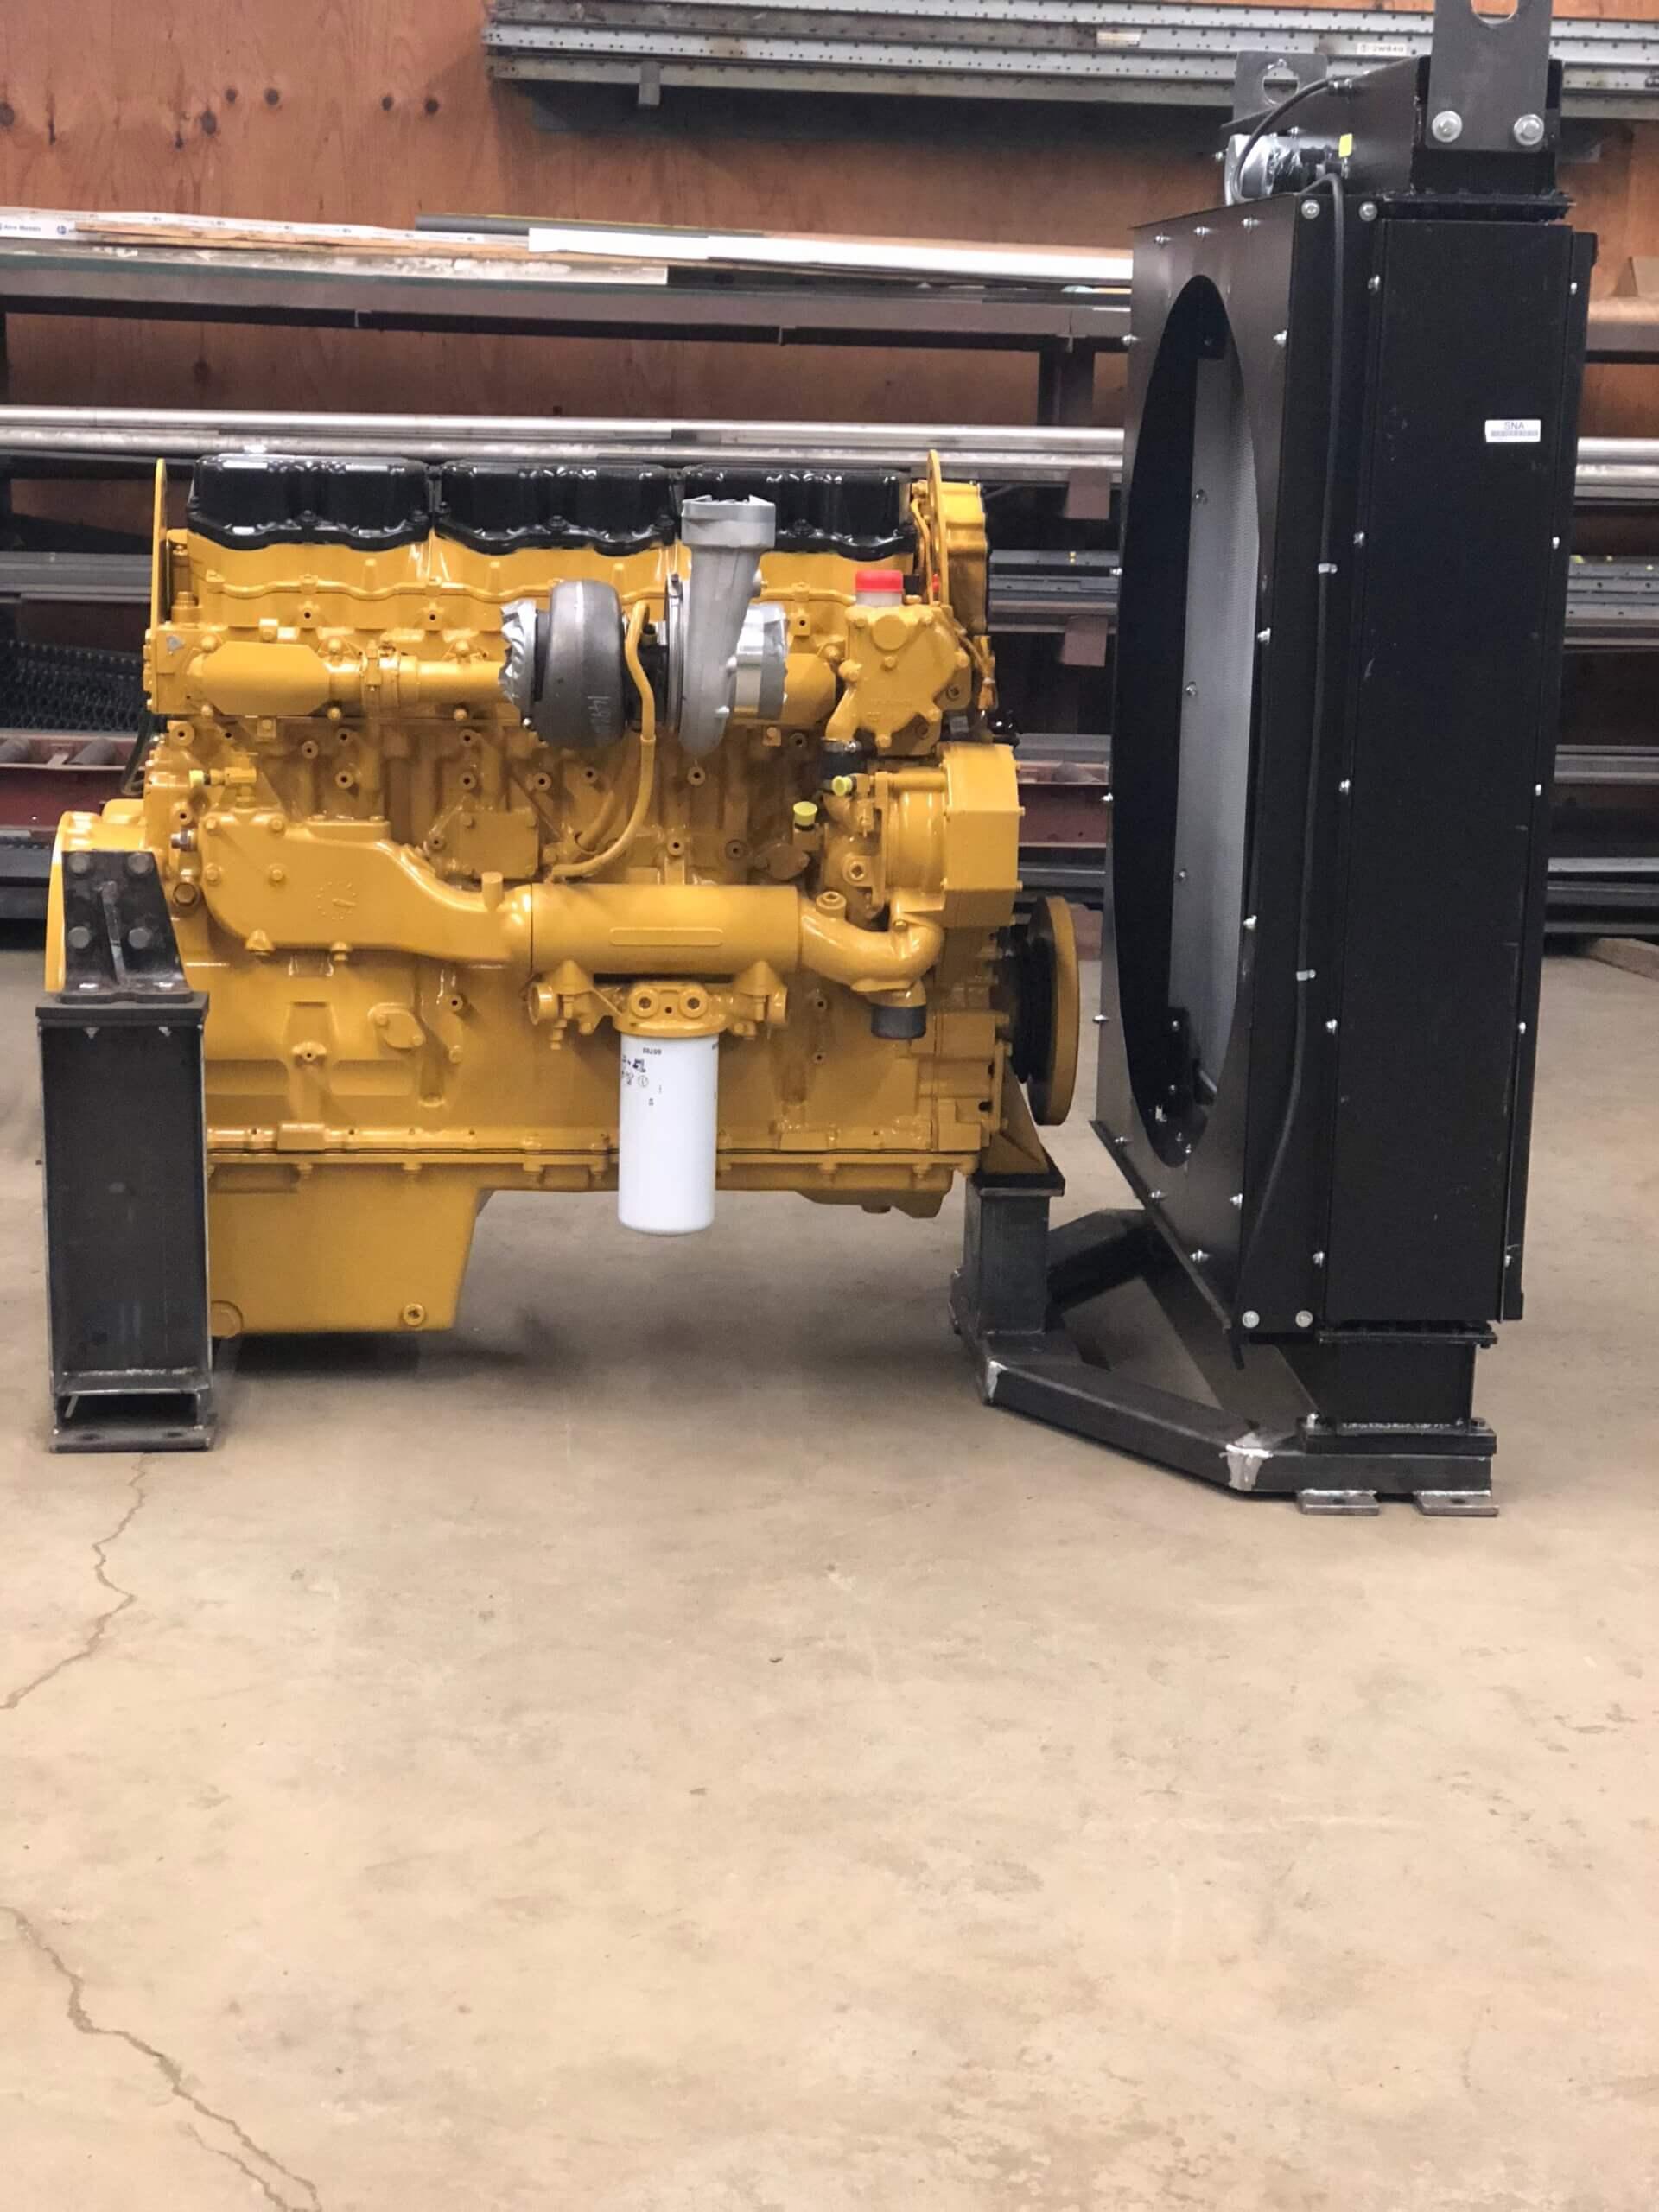 C18 Power Unit